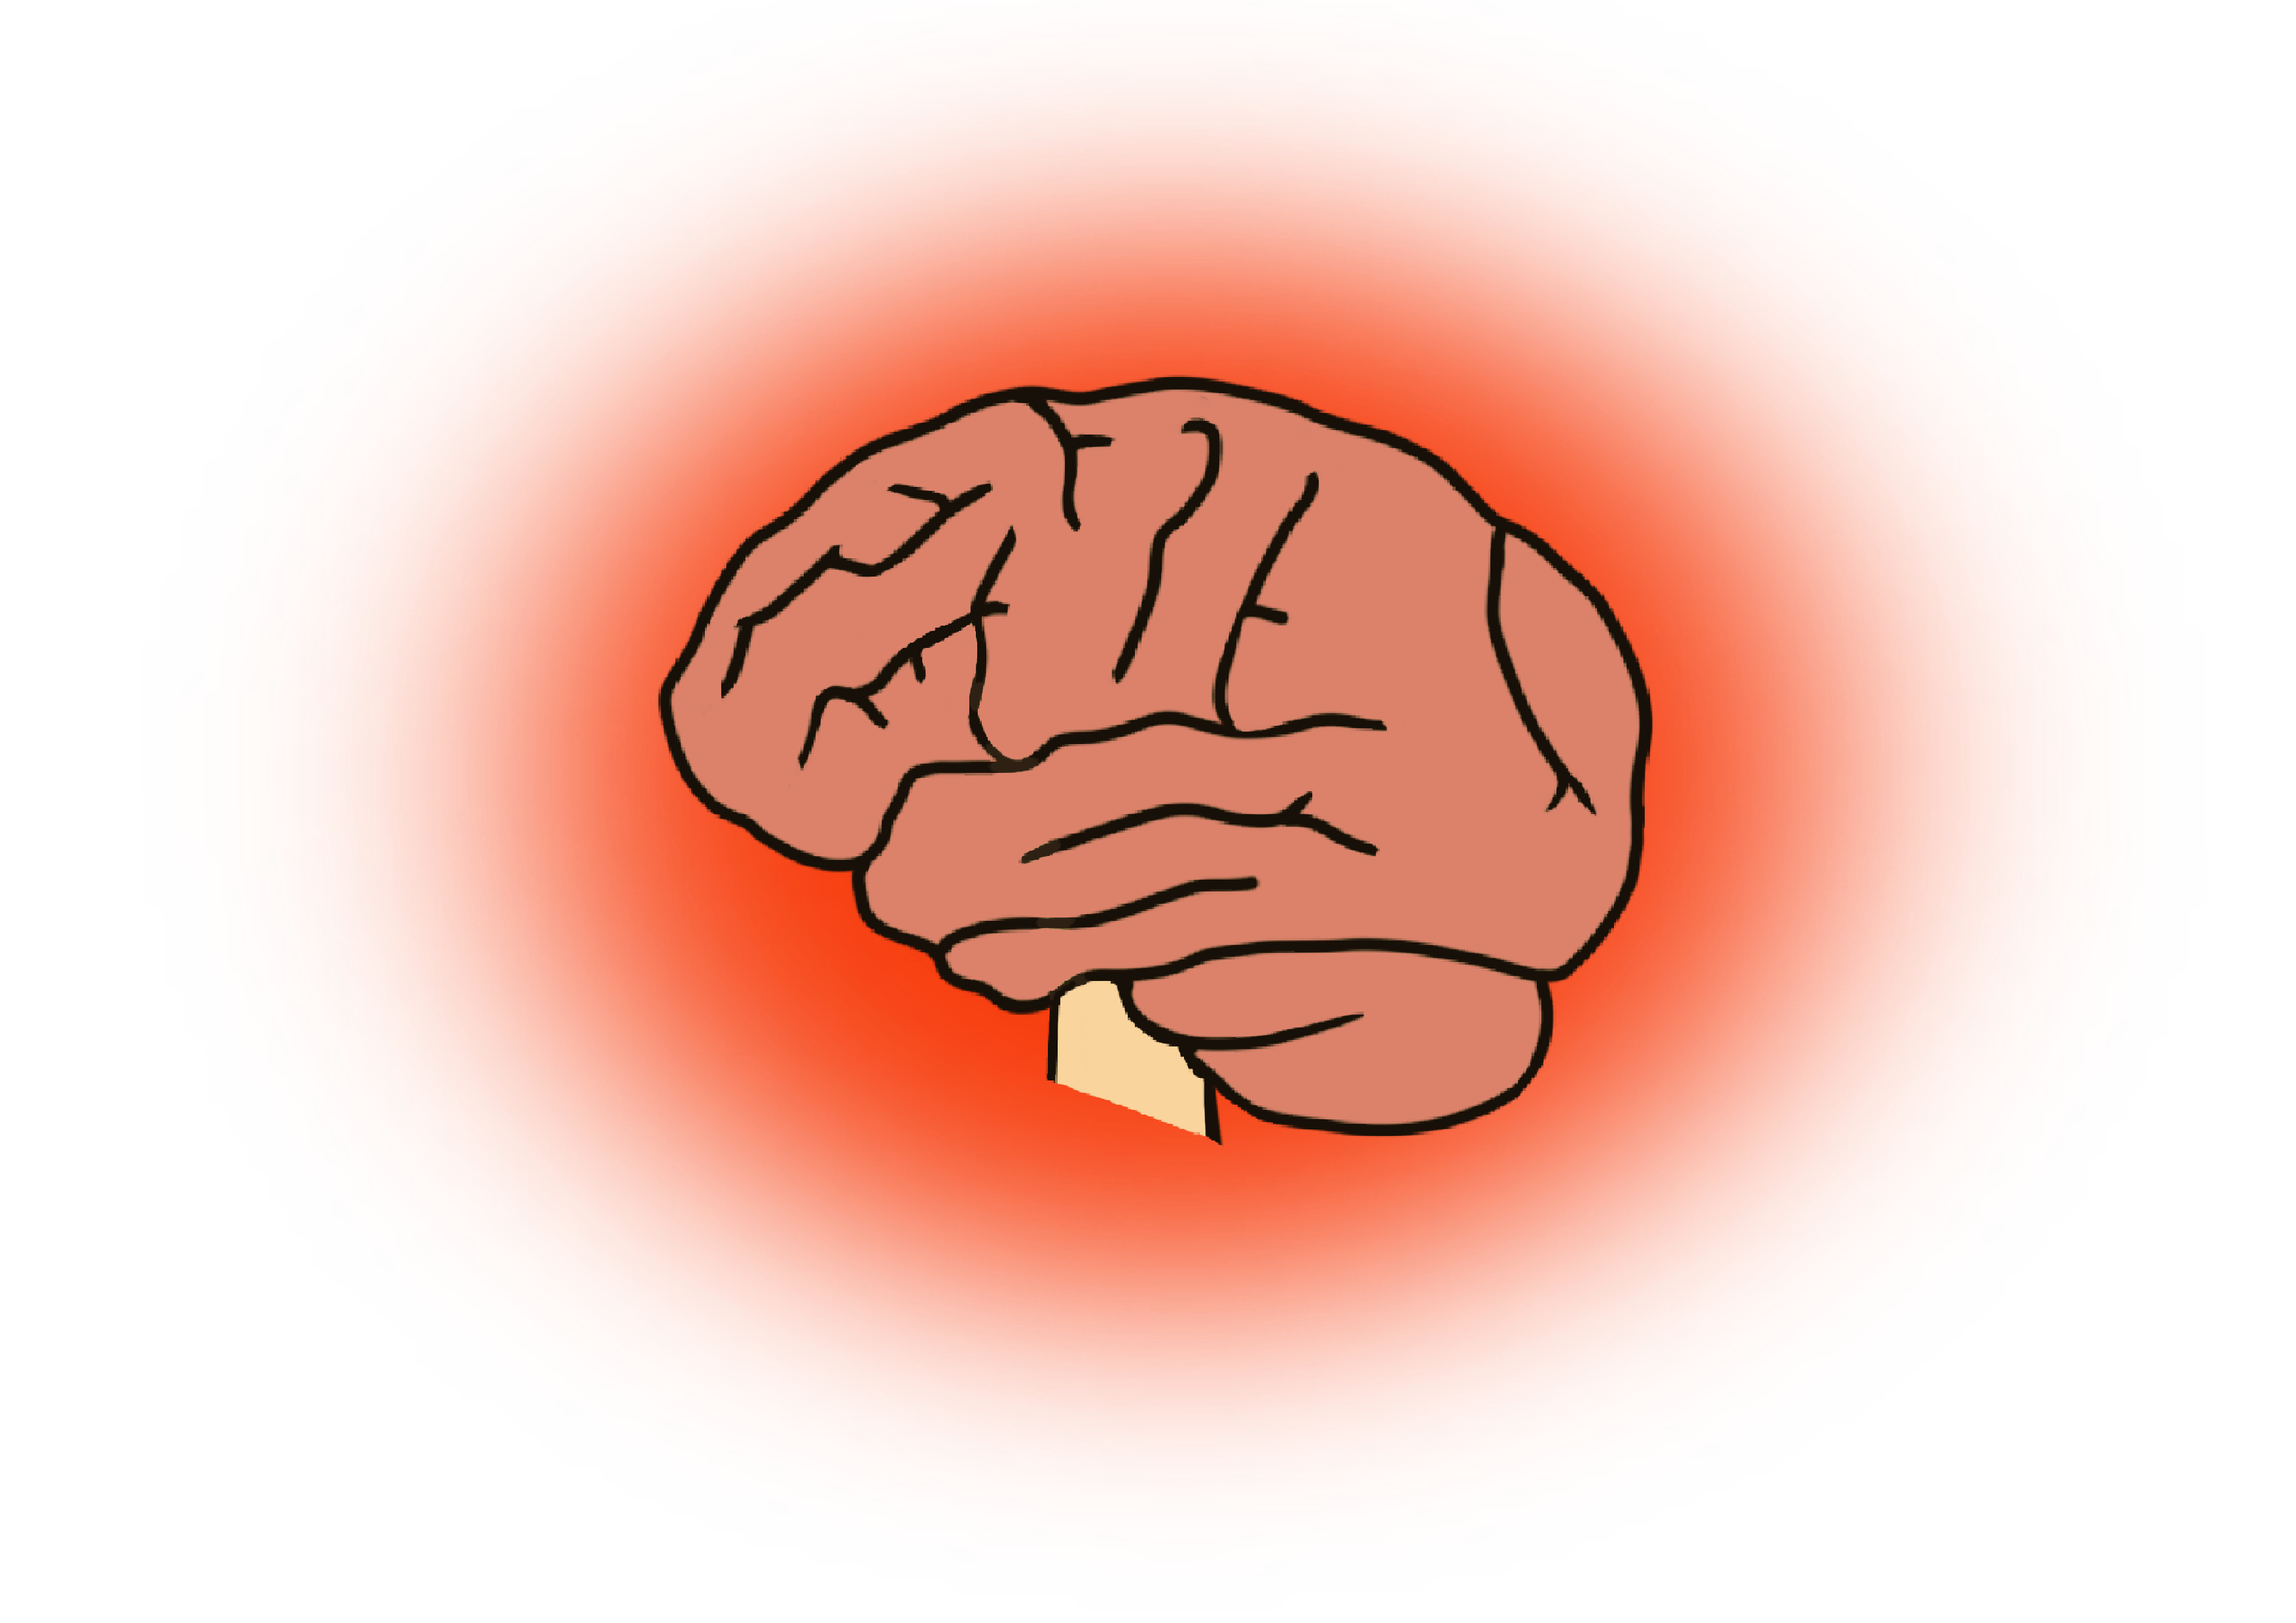 成人でもインフルエンザ脳症は発症しており、死亡率は子どもよりも高い